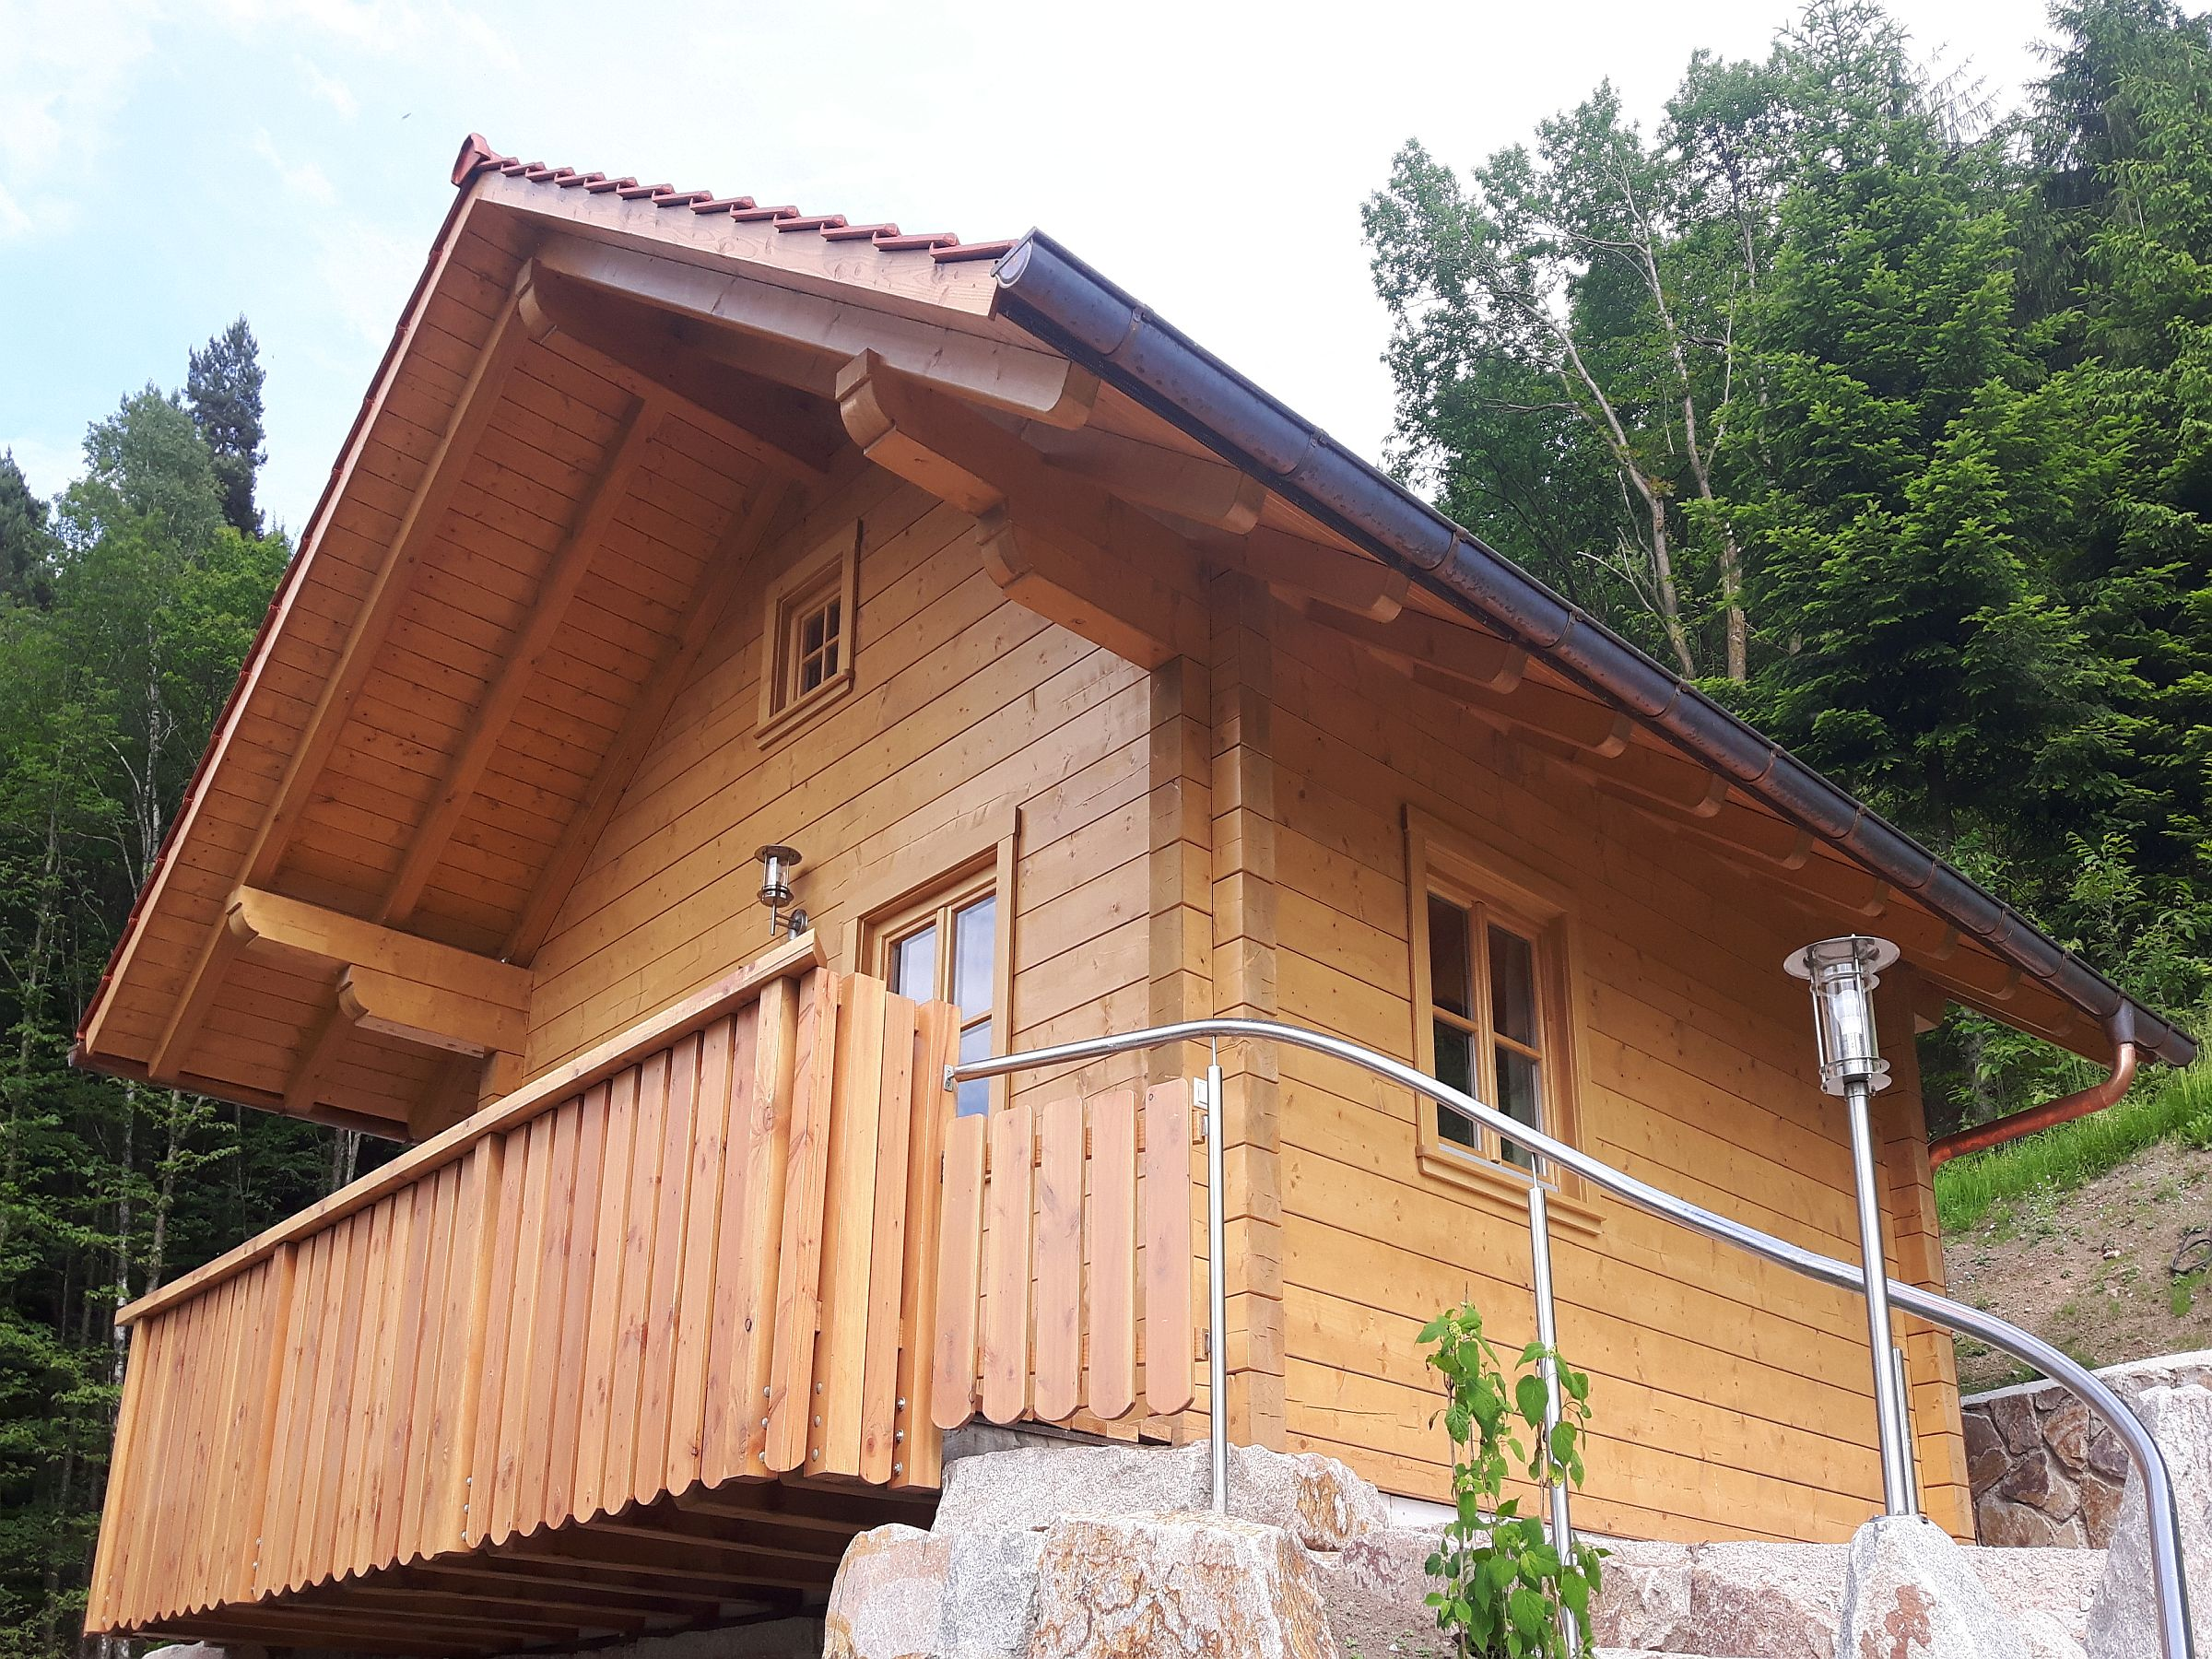 Ferienwohnung Ferienhof Fischer, (Seebach). Blockhütte für max. 4 Personen (2215201), Seebach, Schwarzwald, Baden-Württemberg, Deutschland, Bild 13